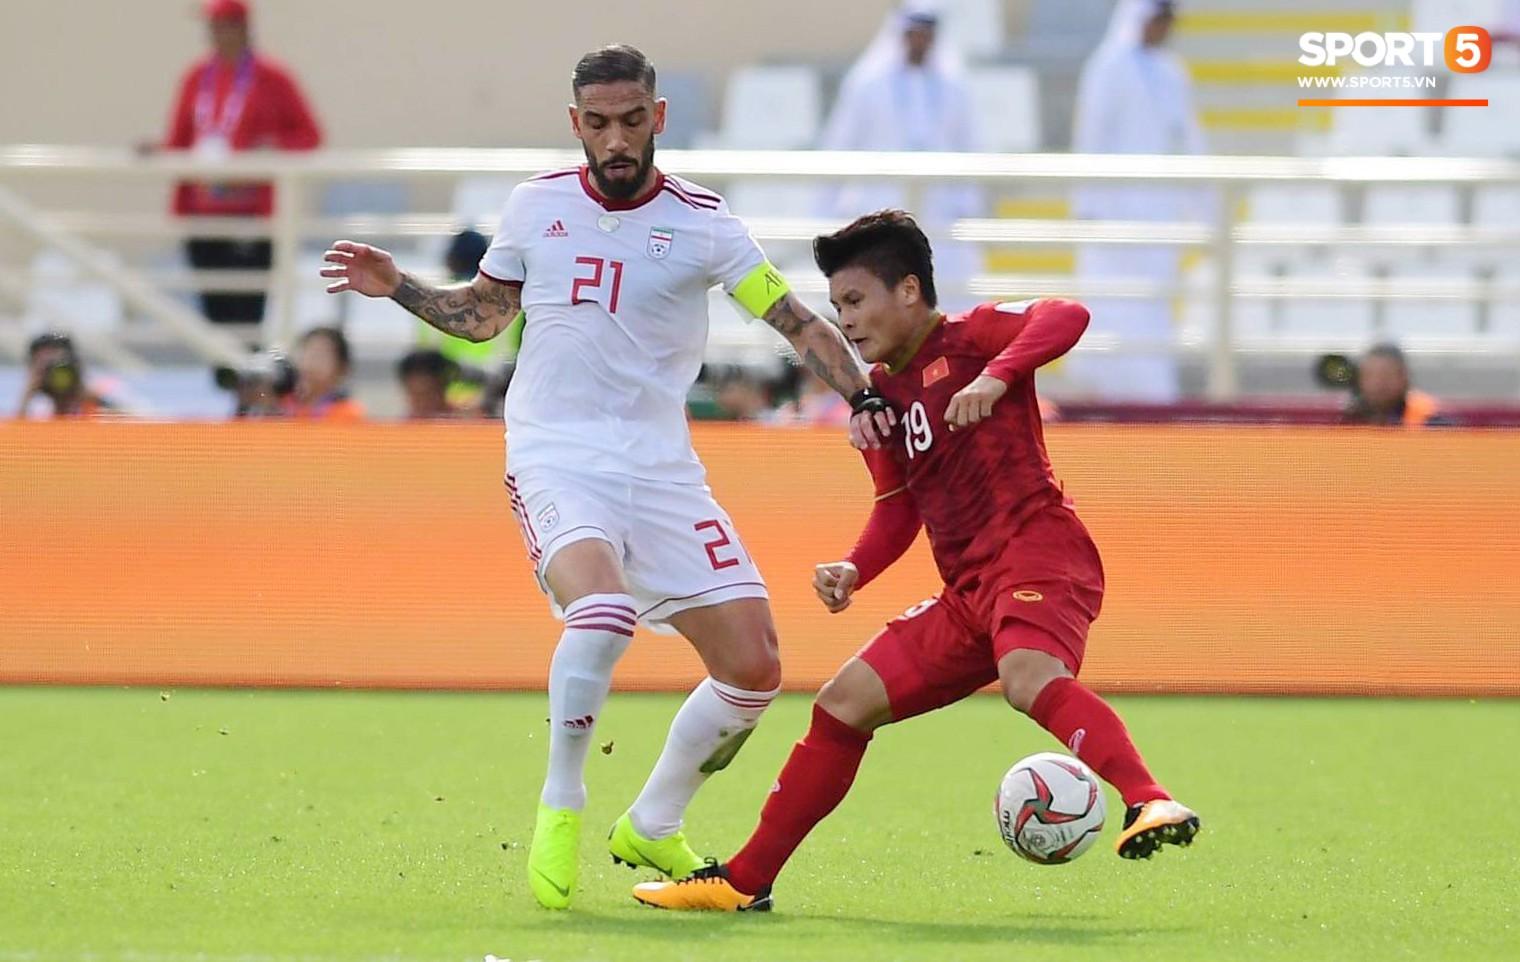 Nguyễn Quang Hải cùng các đồng đội đã thi đấu một trận cầu nhiều cảm xúc khi chạm trán tuyển Iran trên SVĐ Hazza Bin Zayed (Abu Dhabi, UAE).